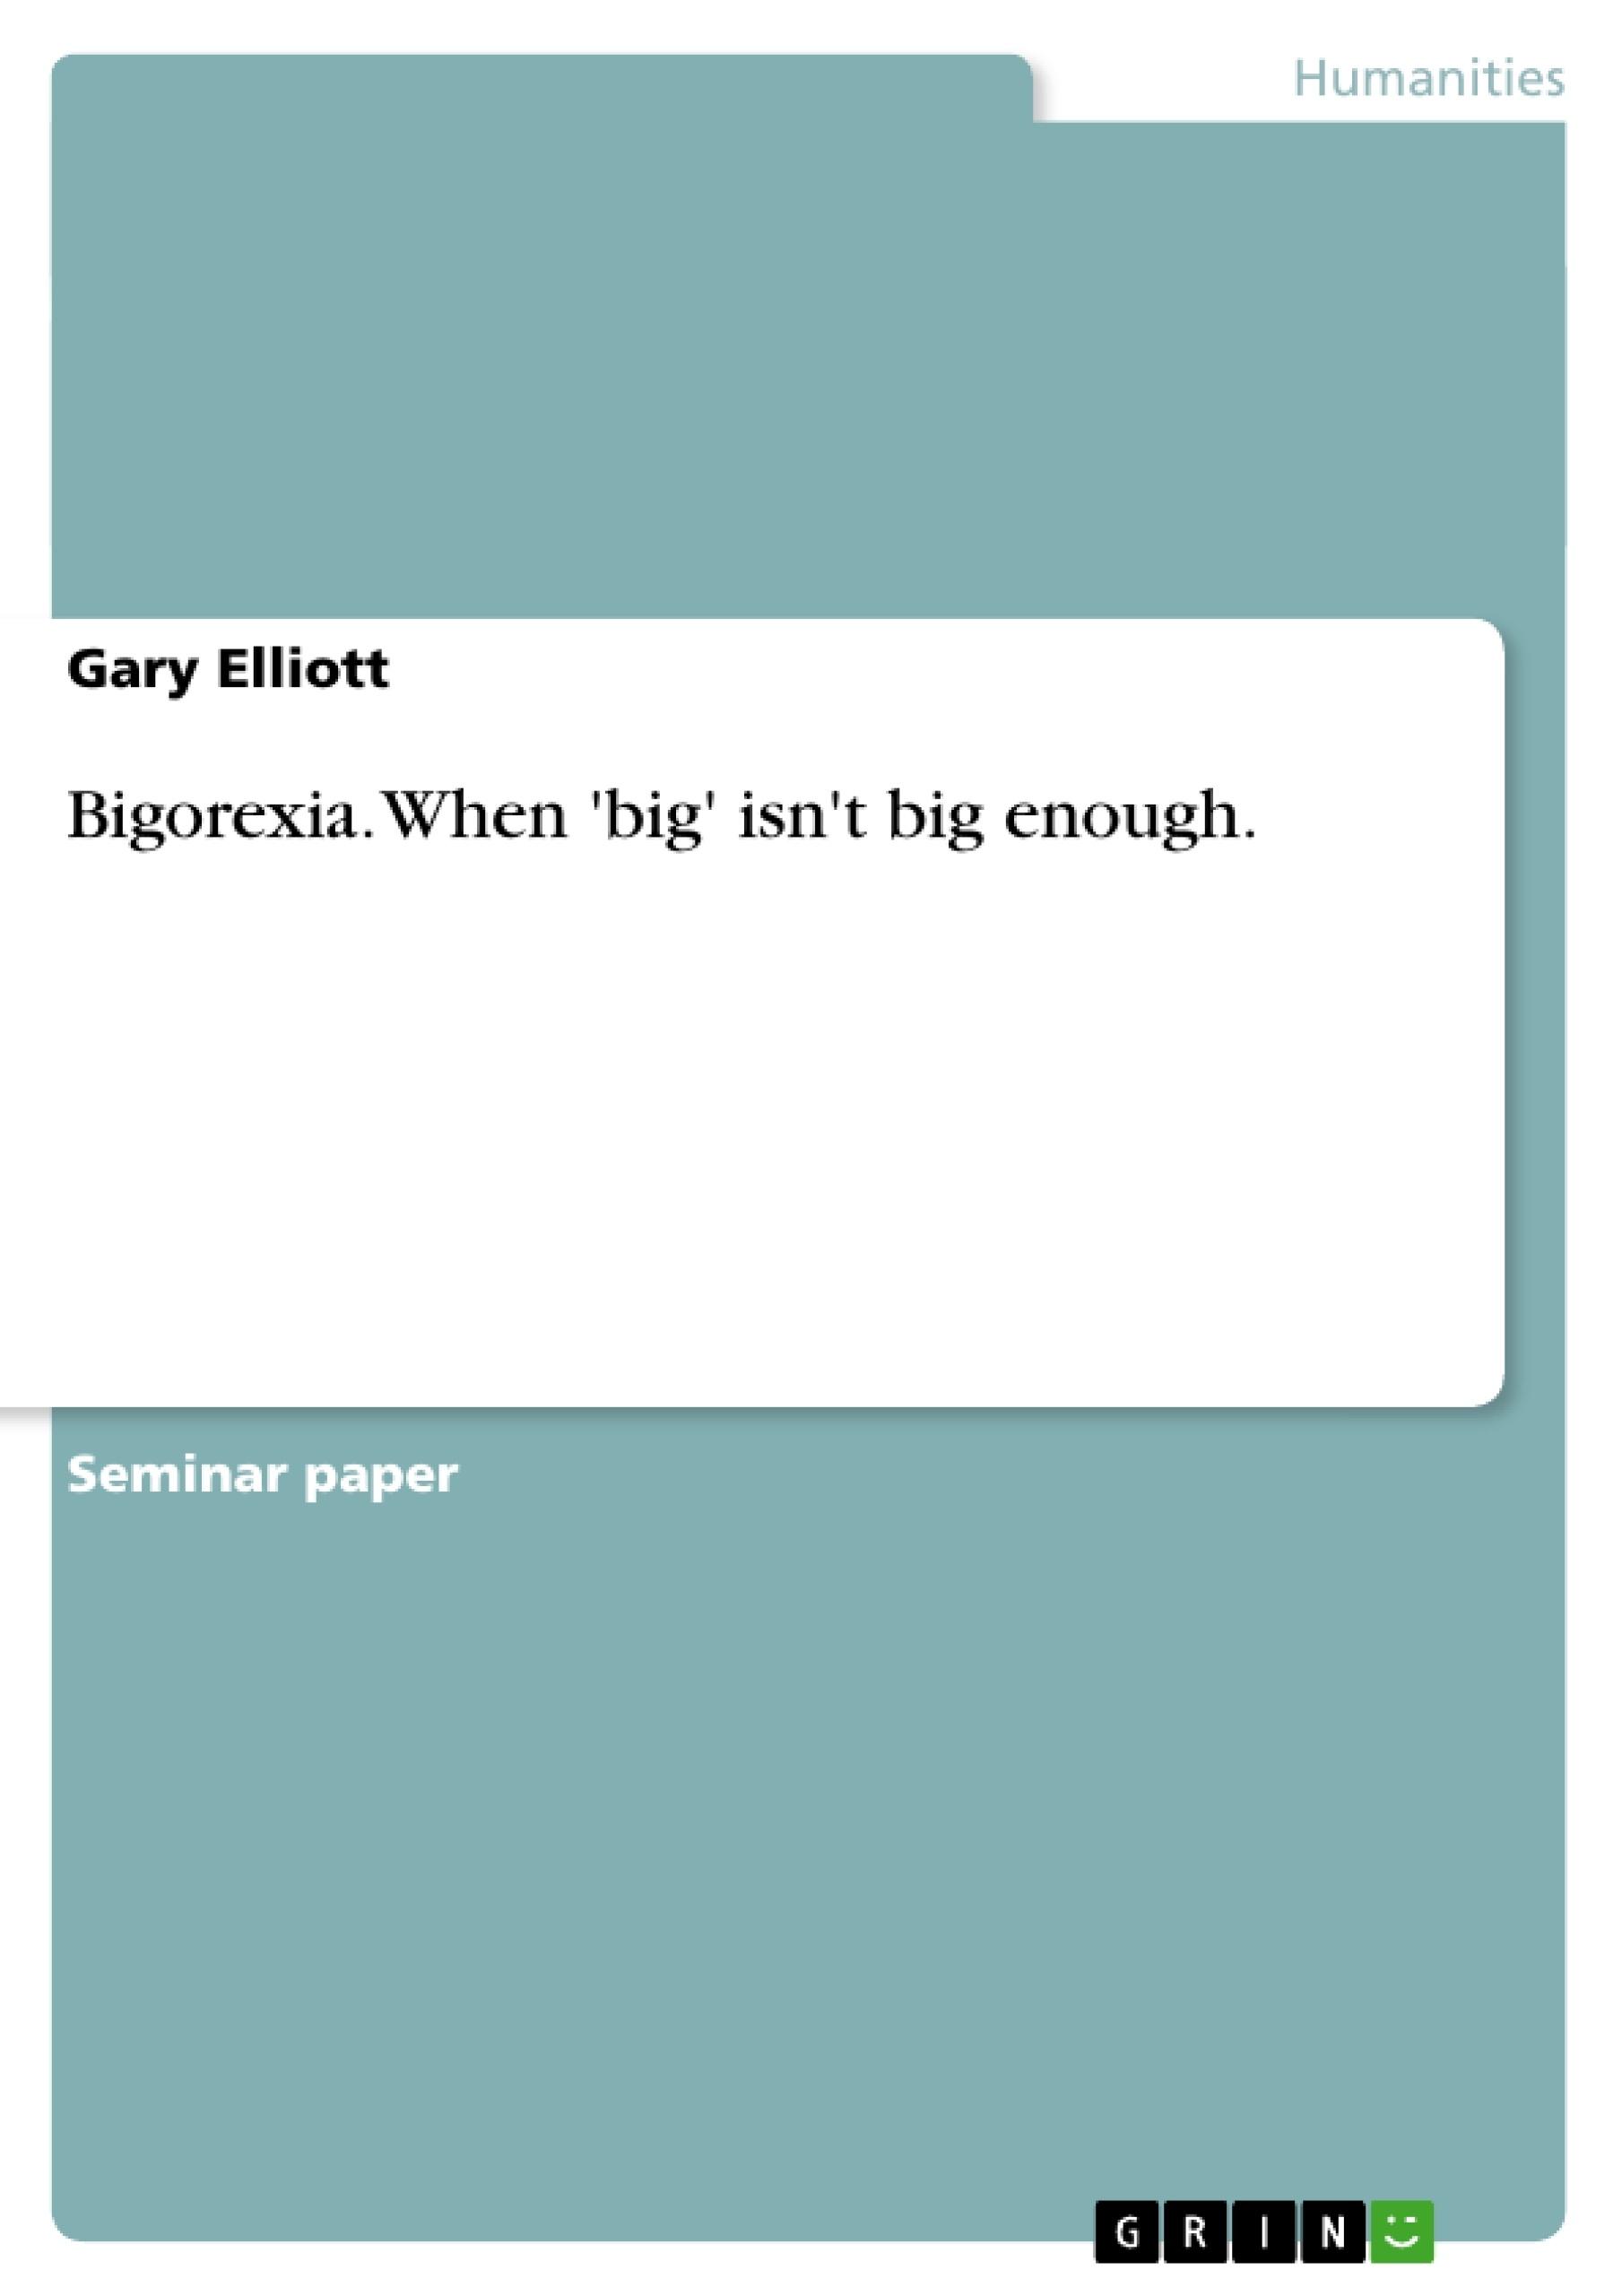 Title: Bigorexia. When 'big' isn't big enough.